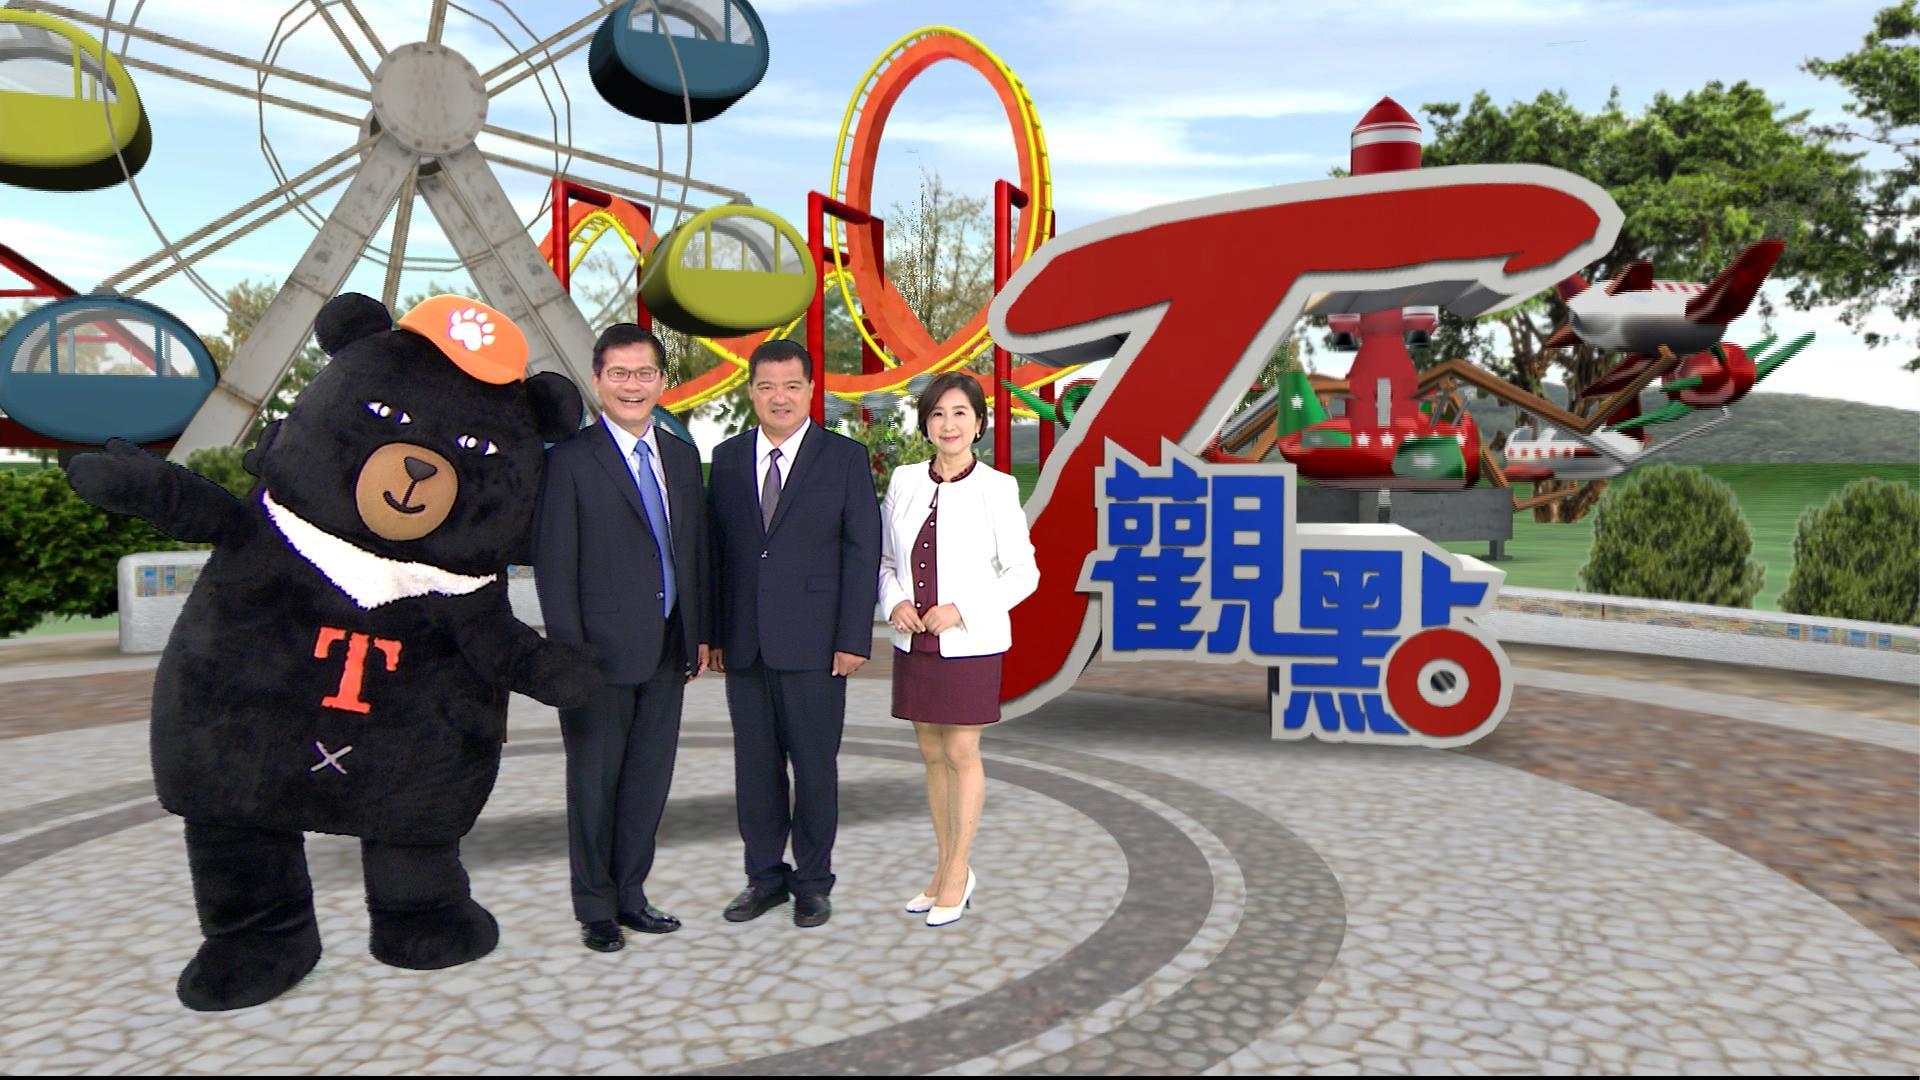 交通部長林佳龍於《T觀點》中,分享自己最愛的旅遊秘境。(圖/TVBS) 《T觀點》國旅爆發 跟著部長去旅行 林佳龍推旅遊秘境